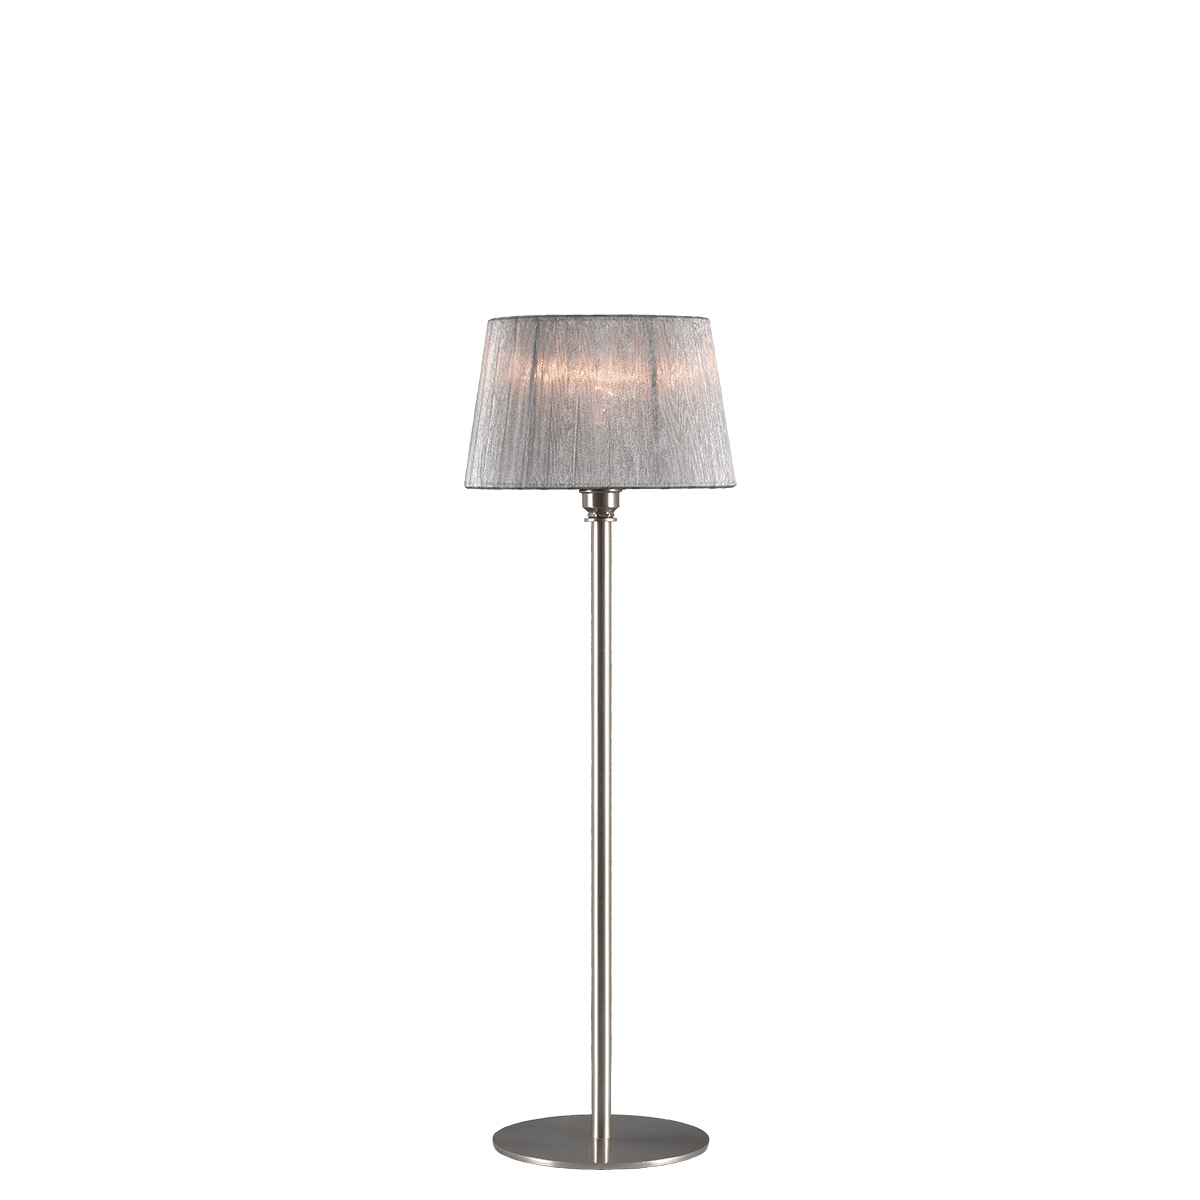 Μοντέρνο πορτατίφ ψηλό ΟΡΓΑΝΤΖΑ modern table lamp large